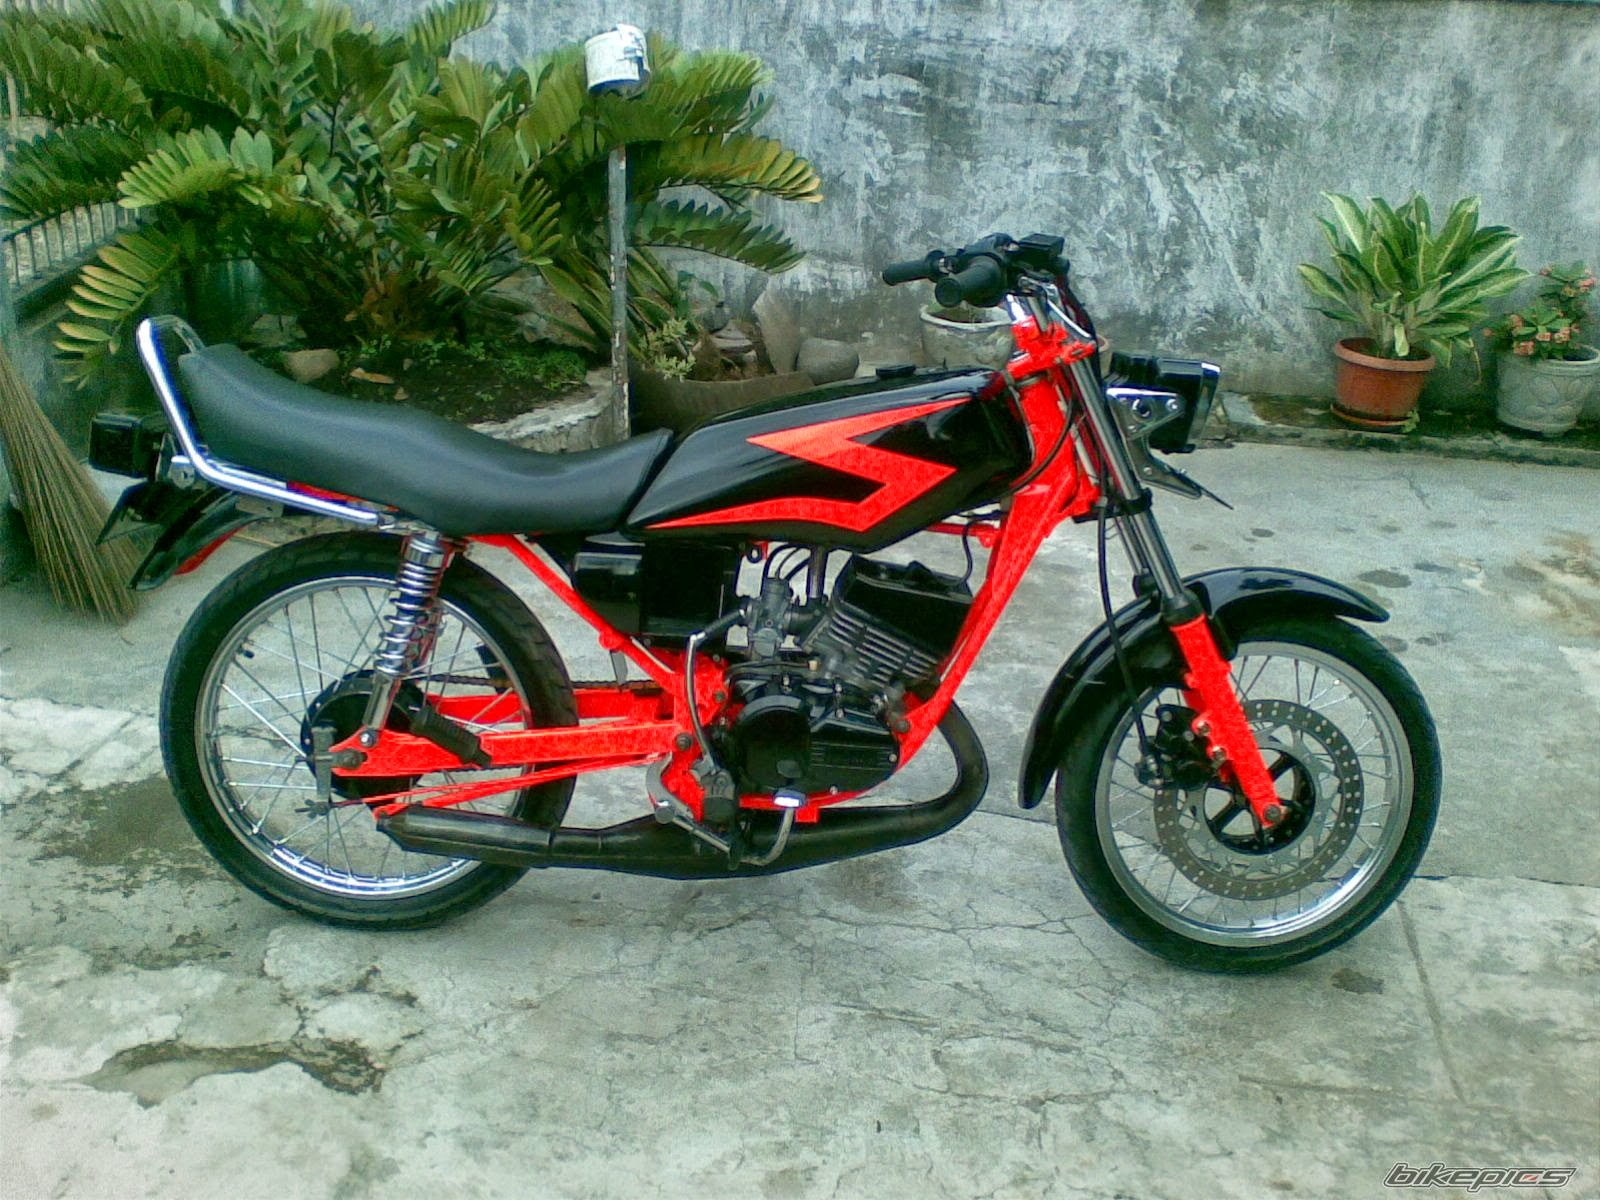 Modifikasi Motor dan Mobil: Modifikasi Keren Yamaha RX King ...